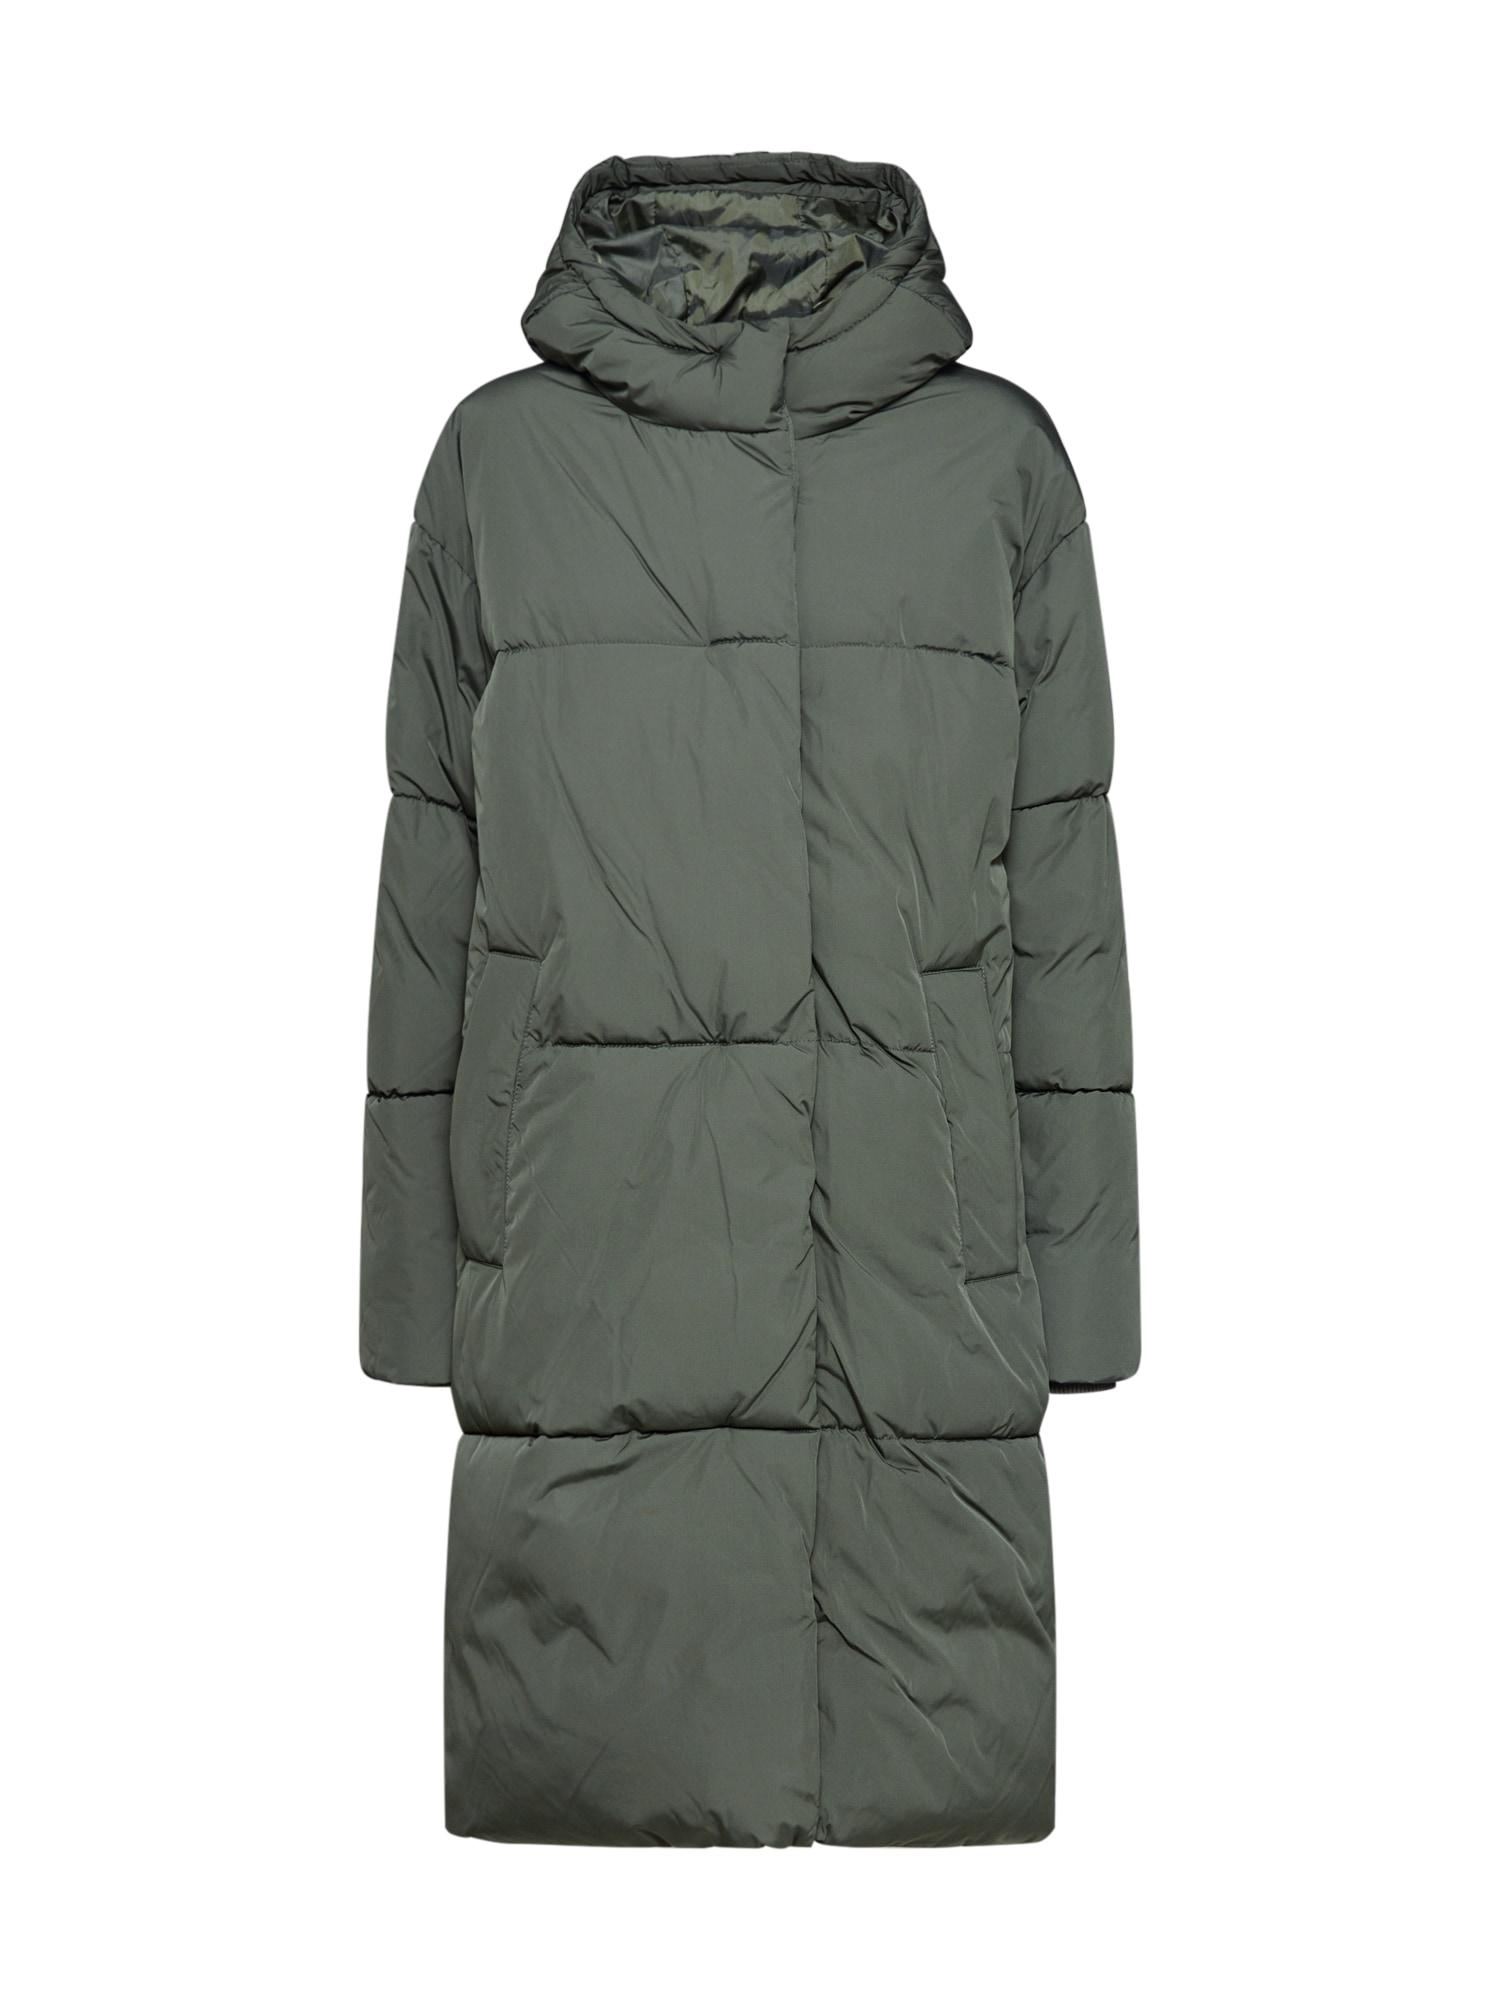 mbym Žieminis paltas 'Merian' rusvai žalia